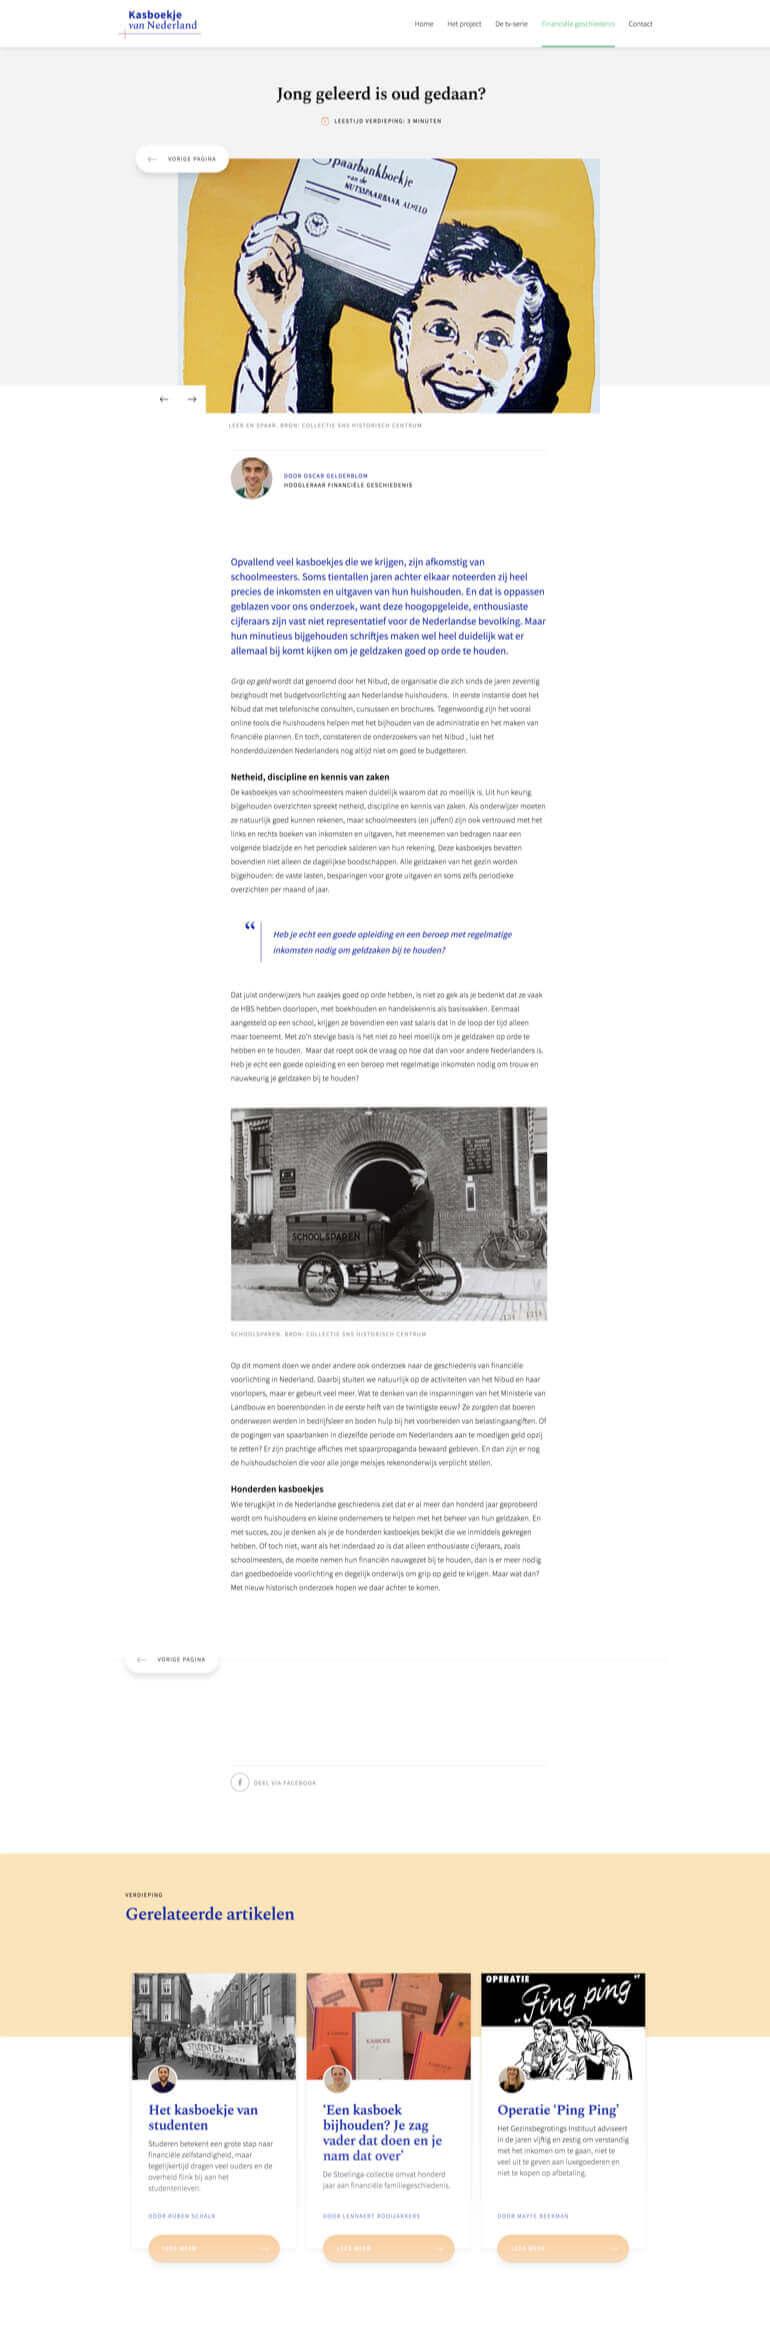 Kasboekje van Nederland artikel of nieuws pagina